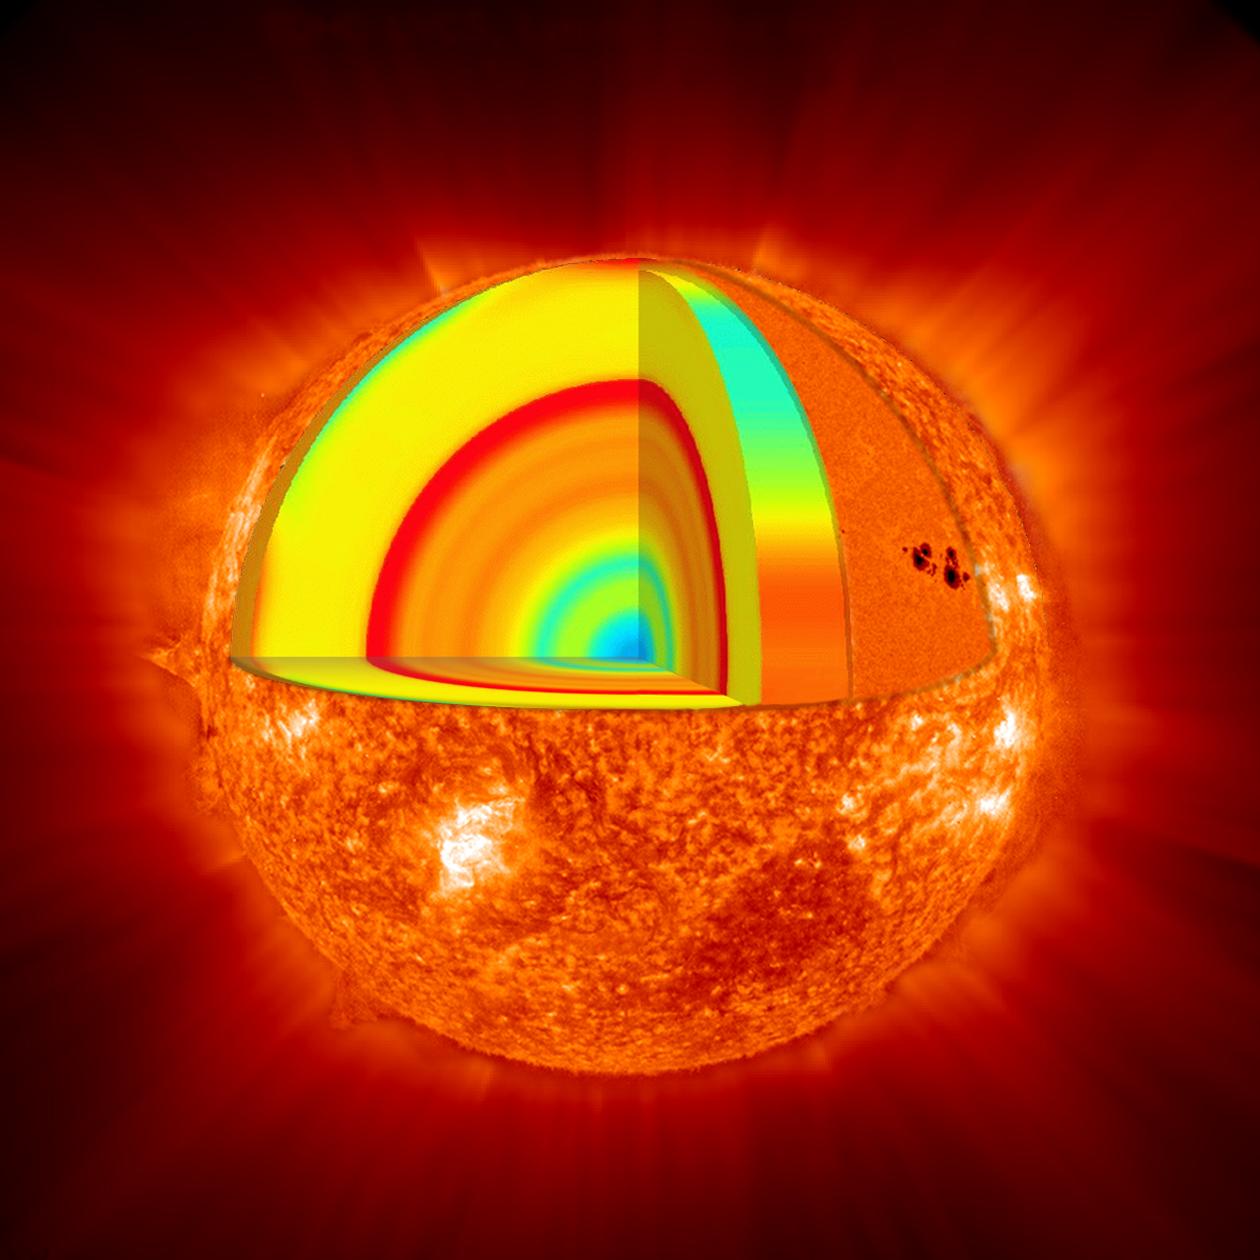 太阳磁场的精细结构,研究太阳耀斑等剧烈的爆发活动